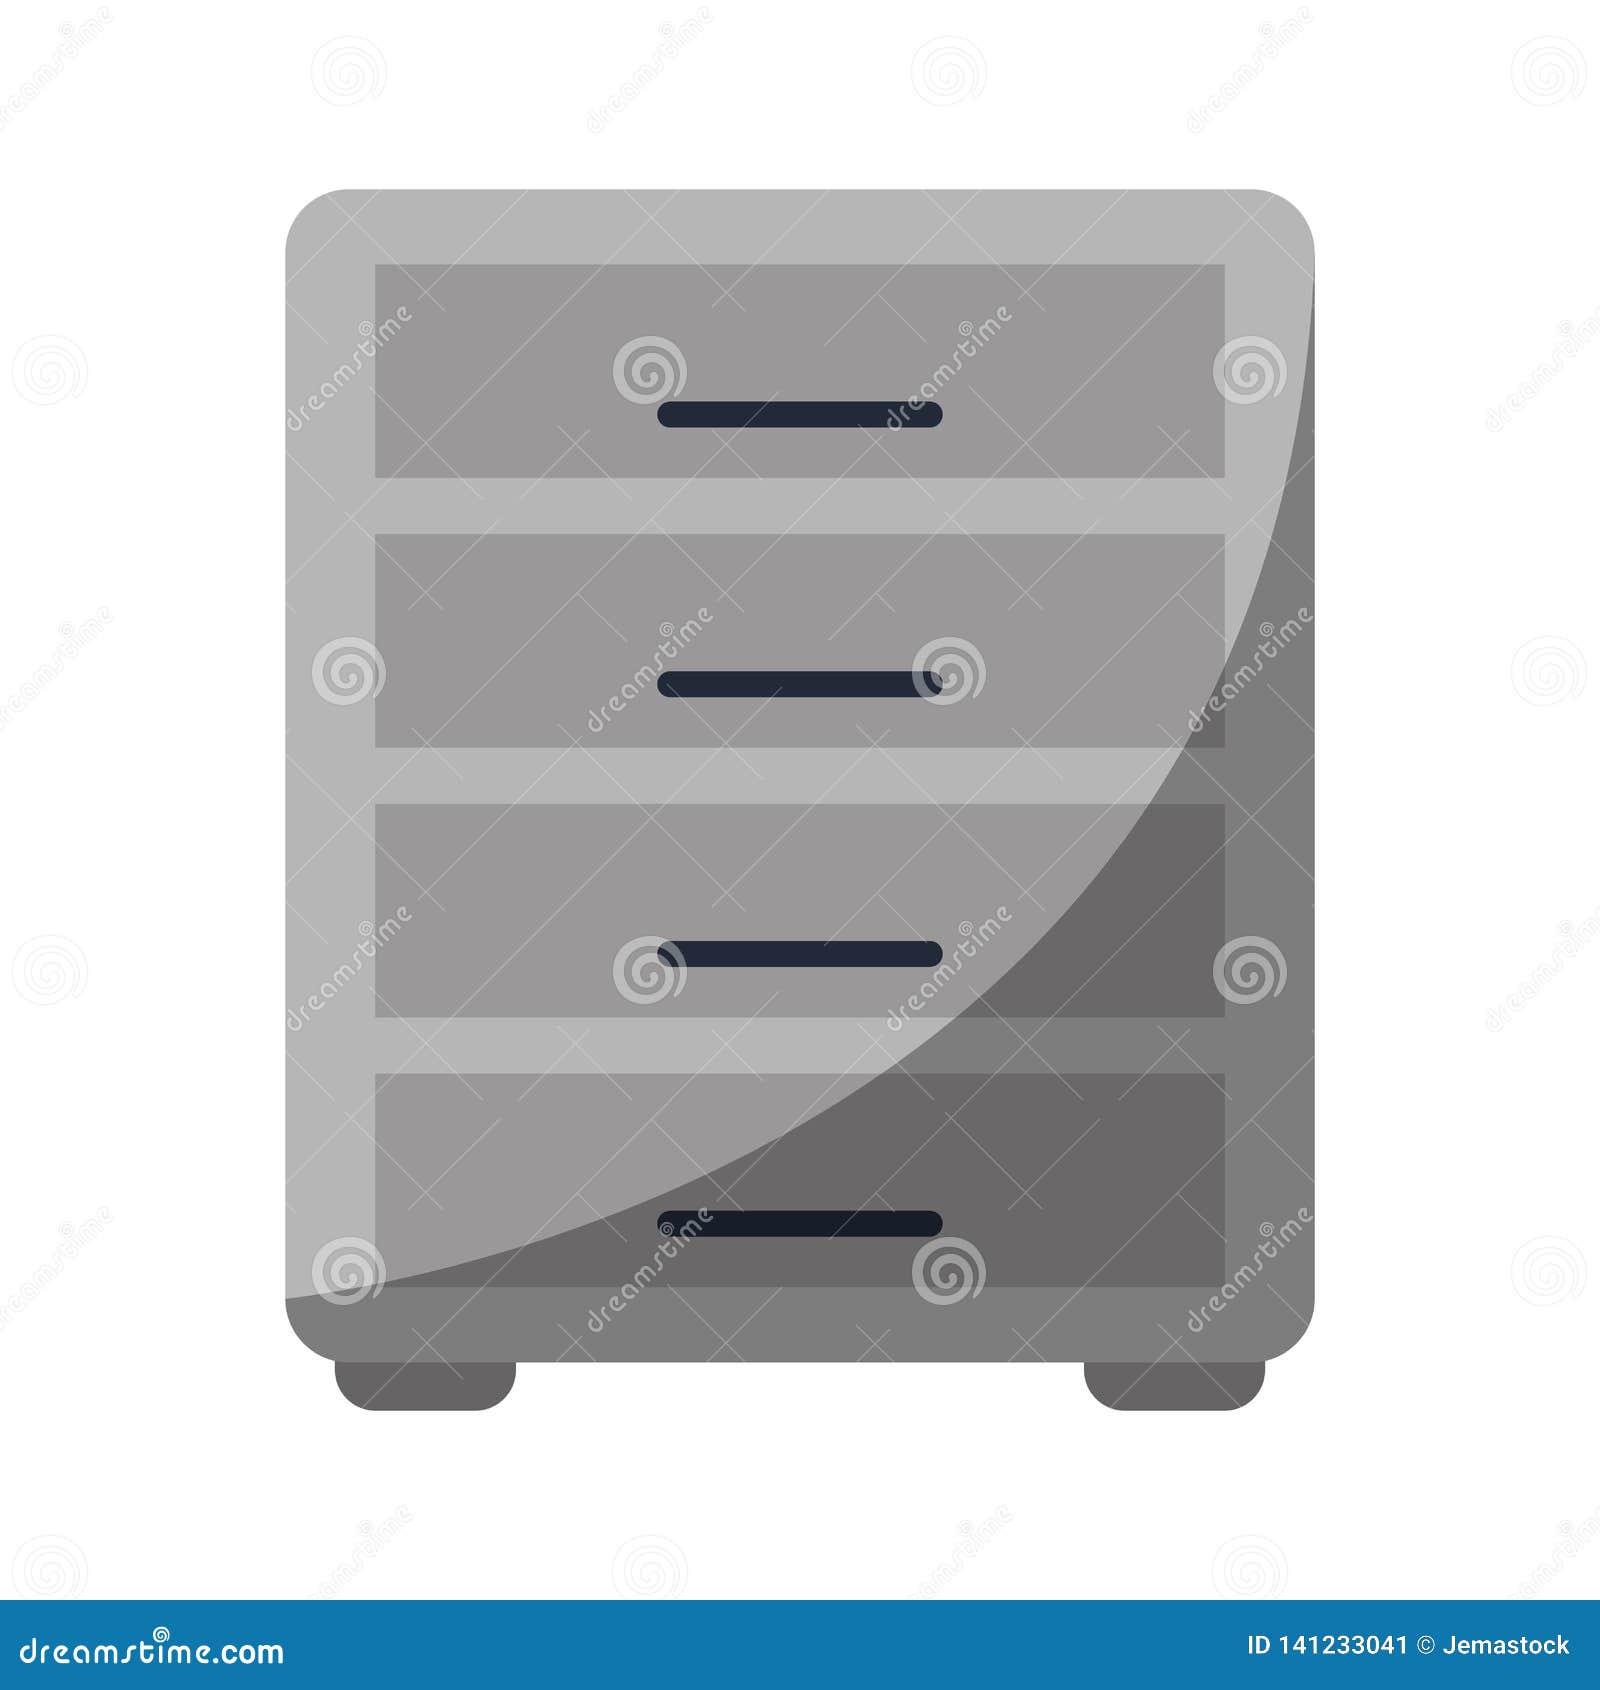 Kabinett symbol för kontor